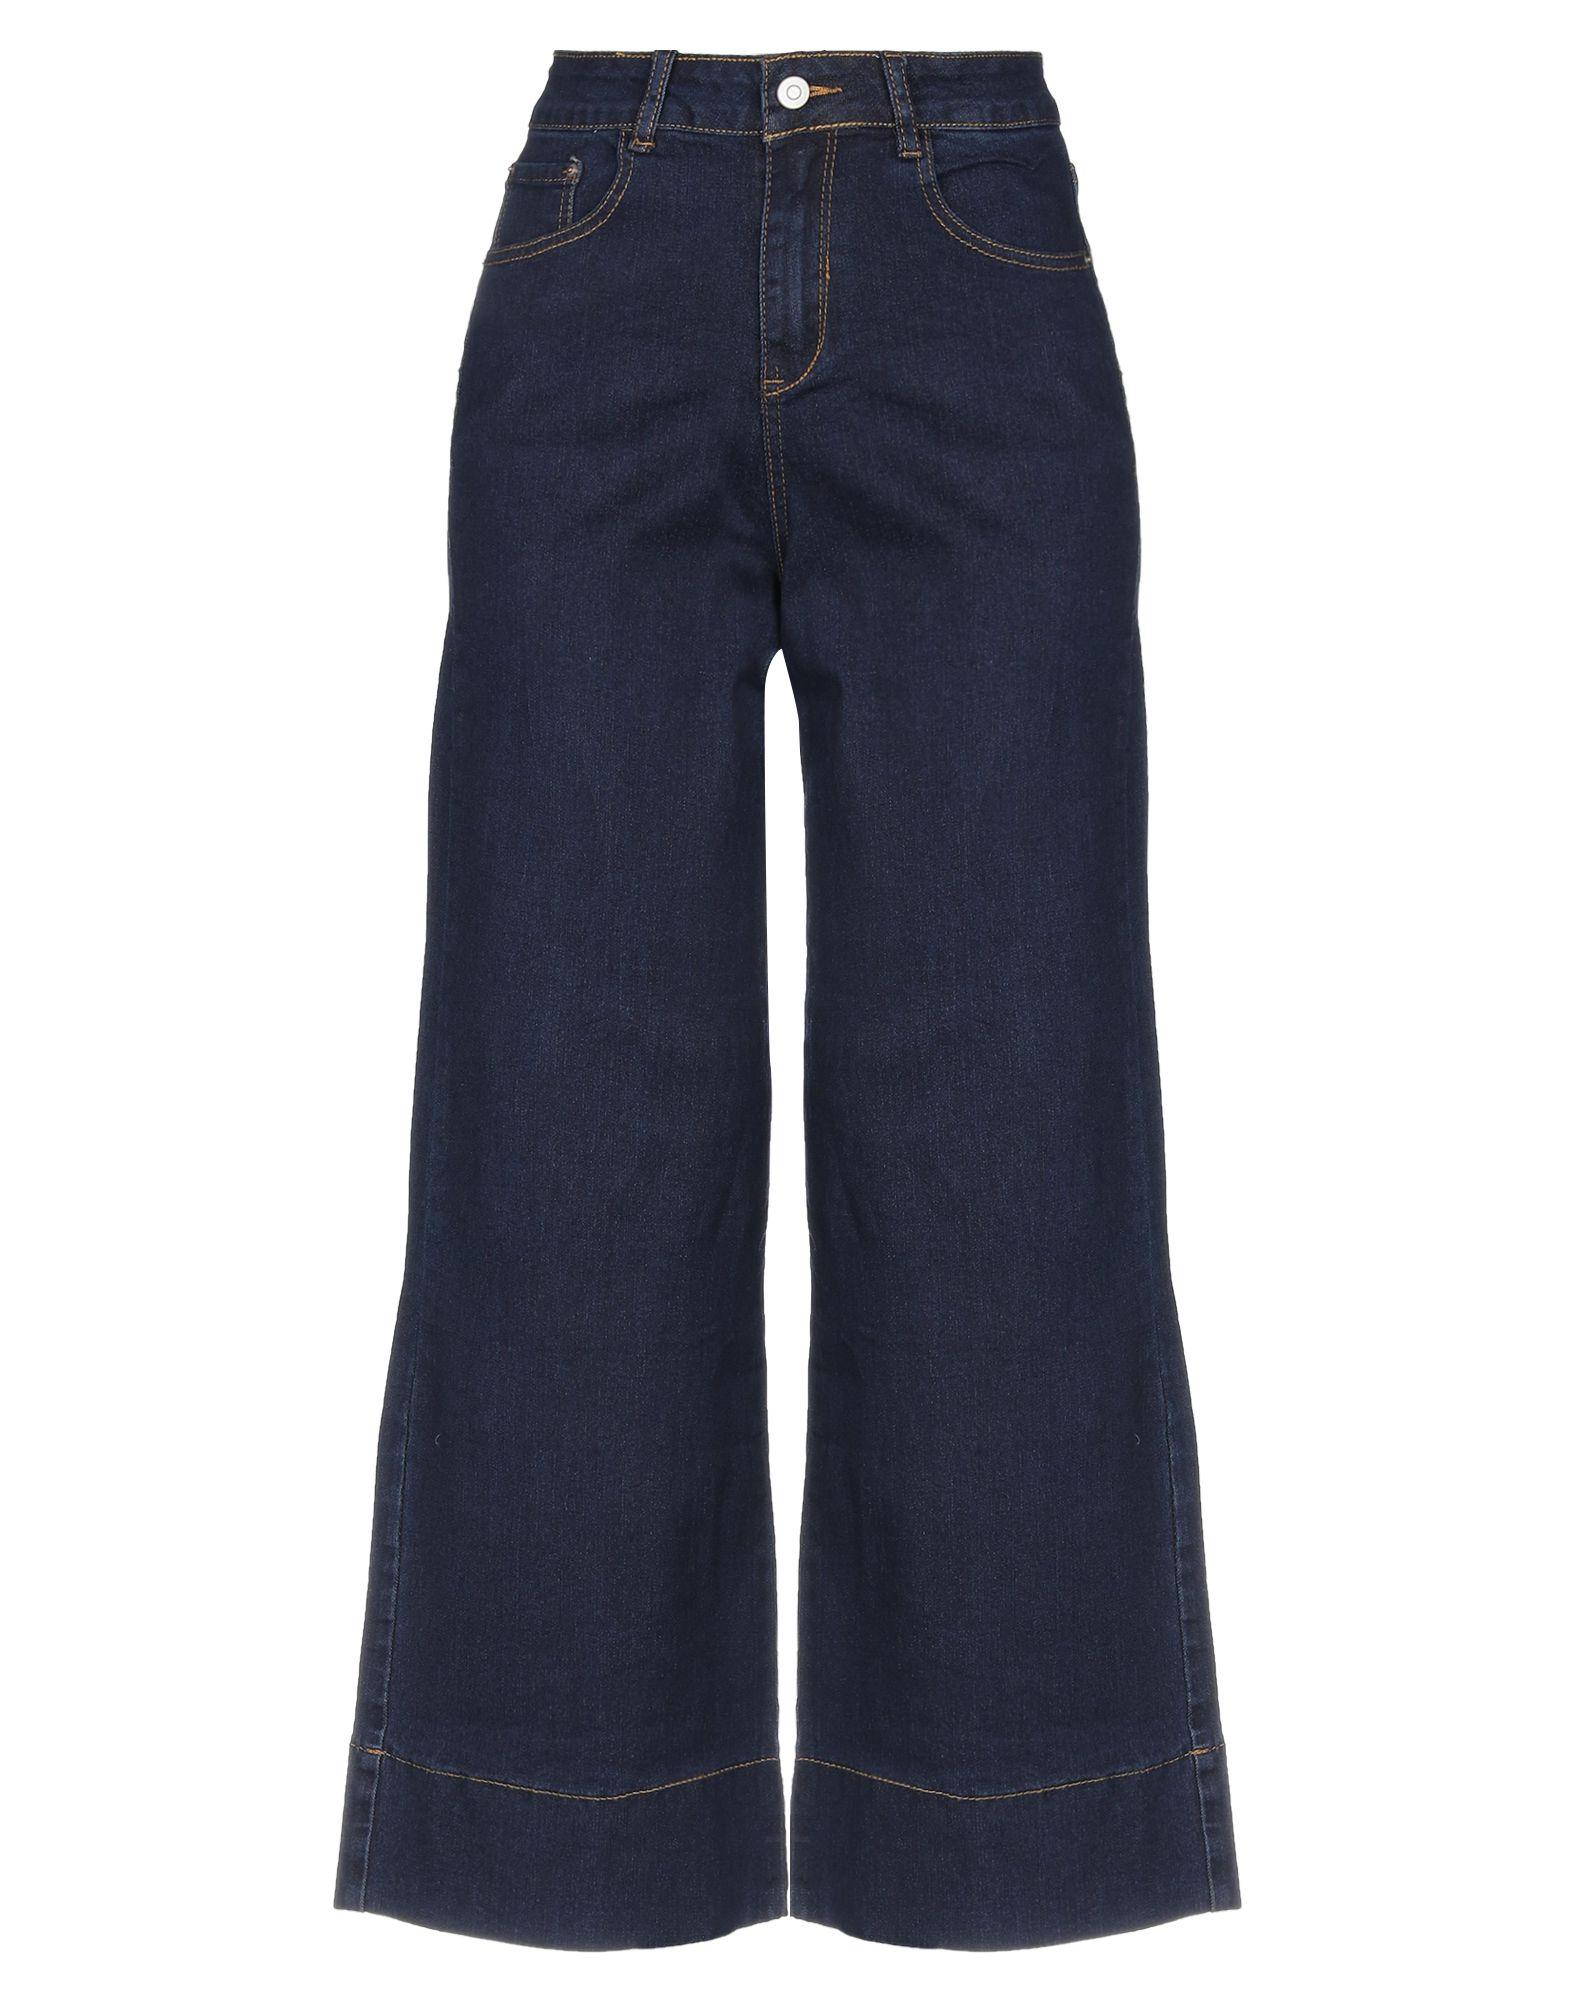 HOPE COLLECTION Джинсовые брюки brock collection джинсовые брюки